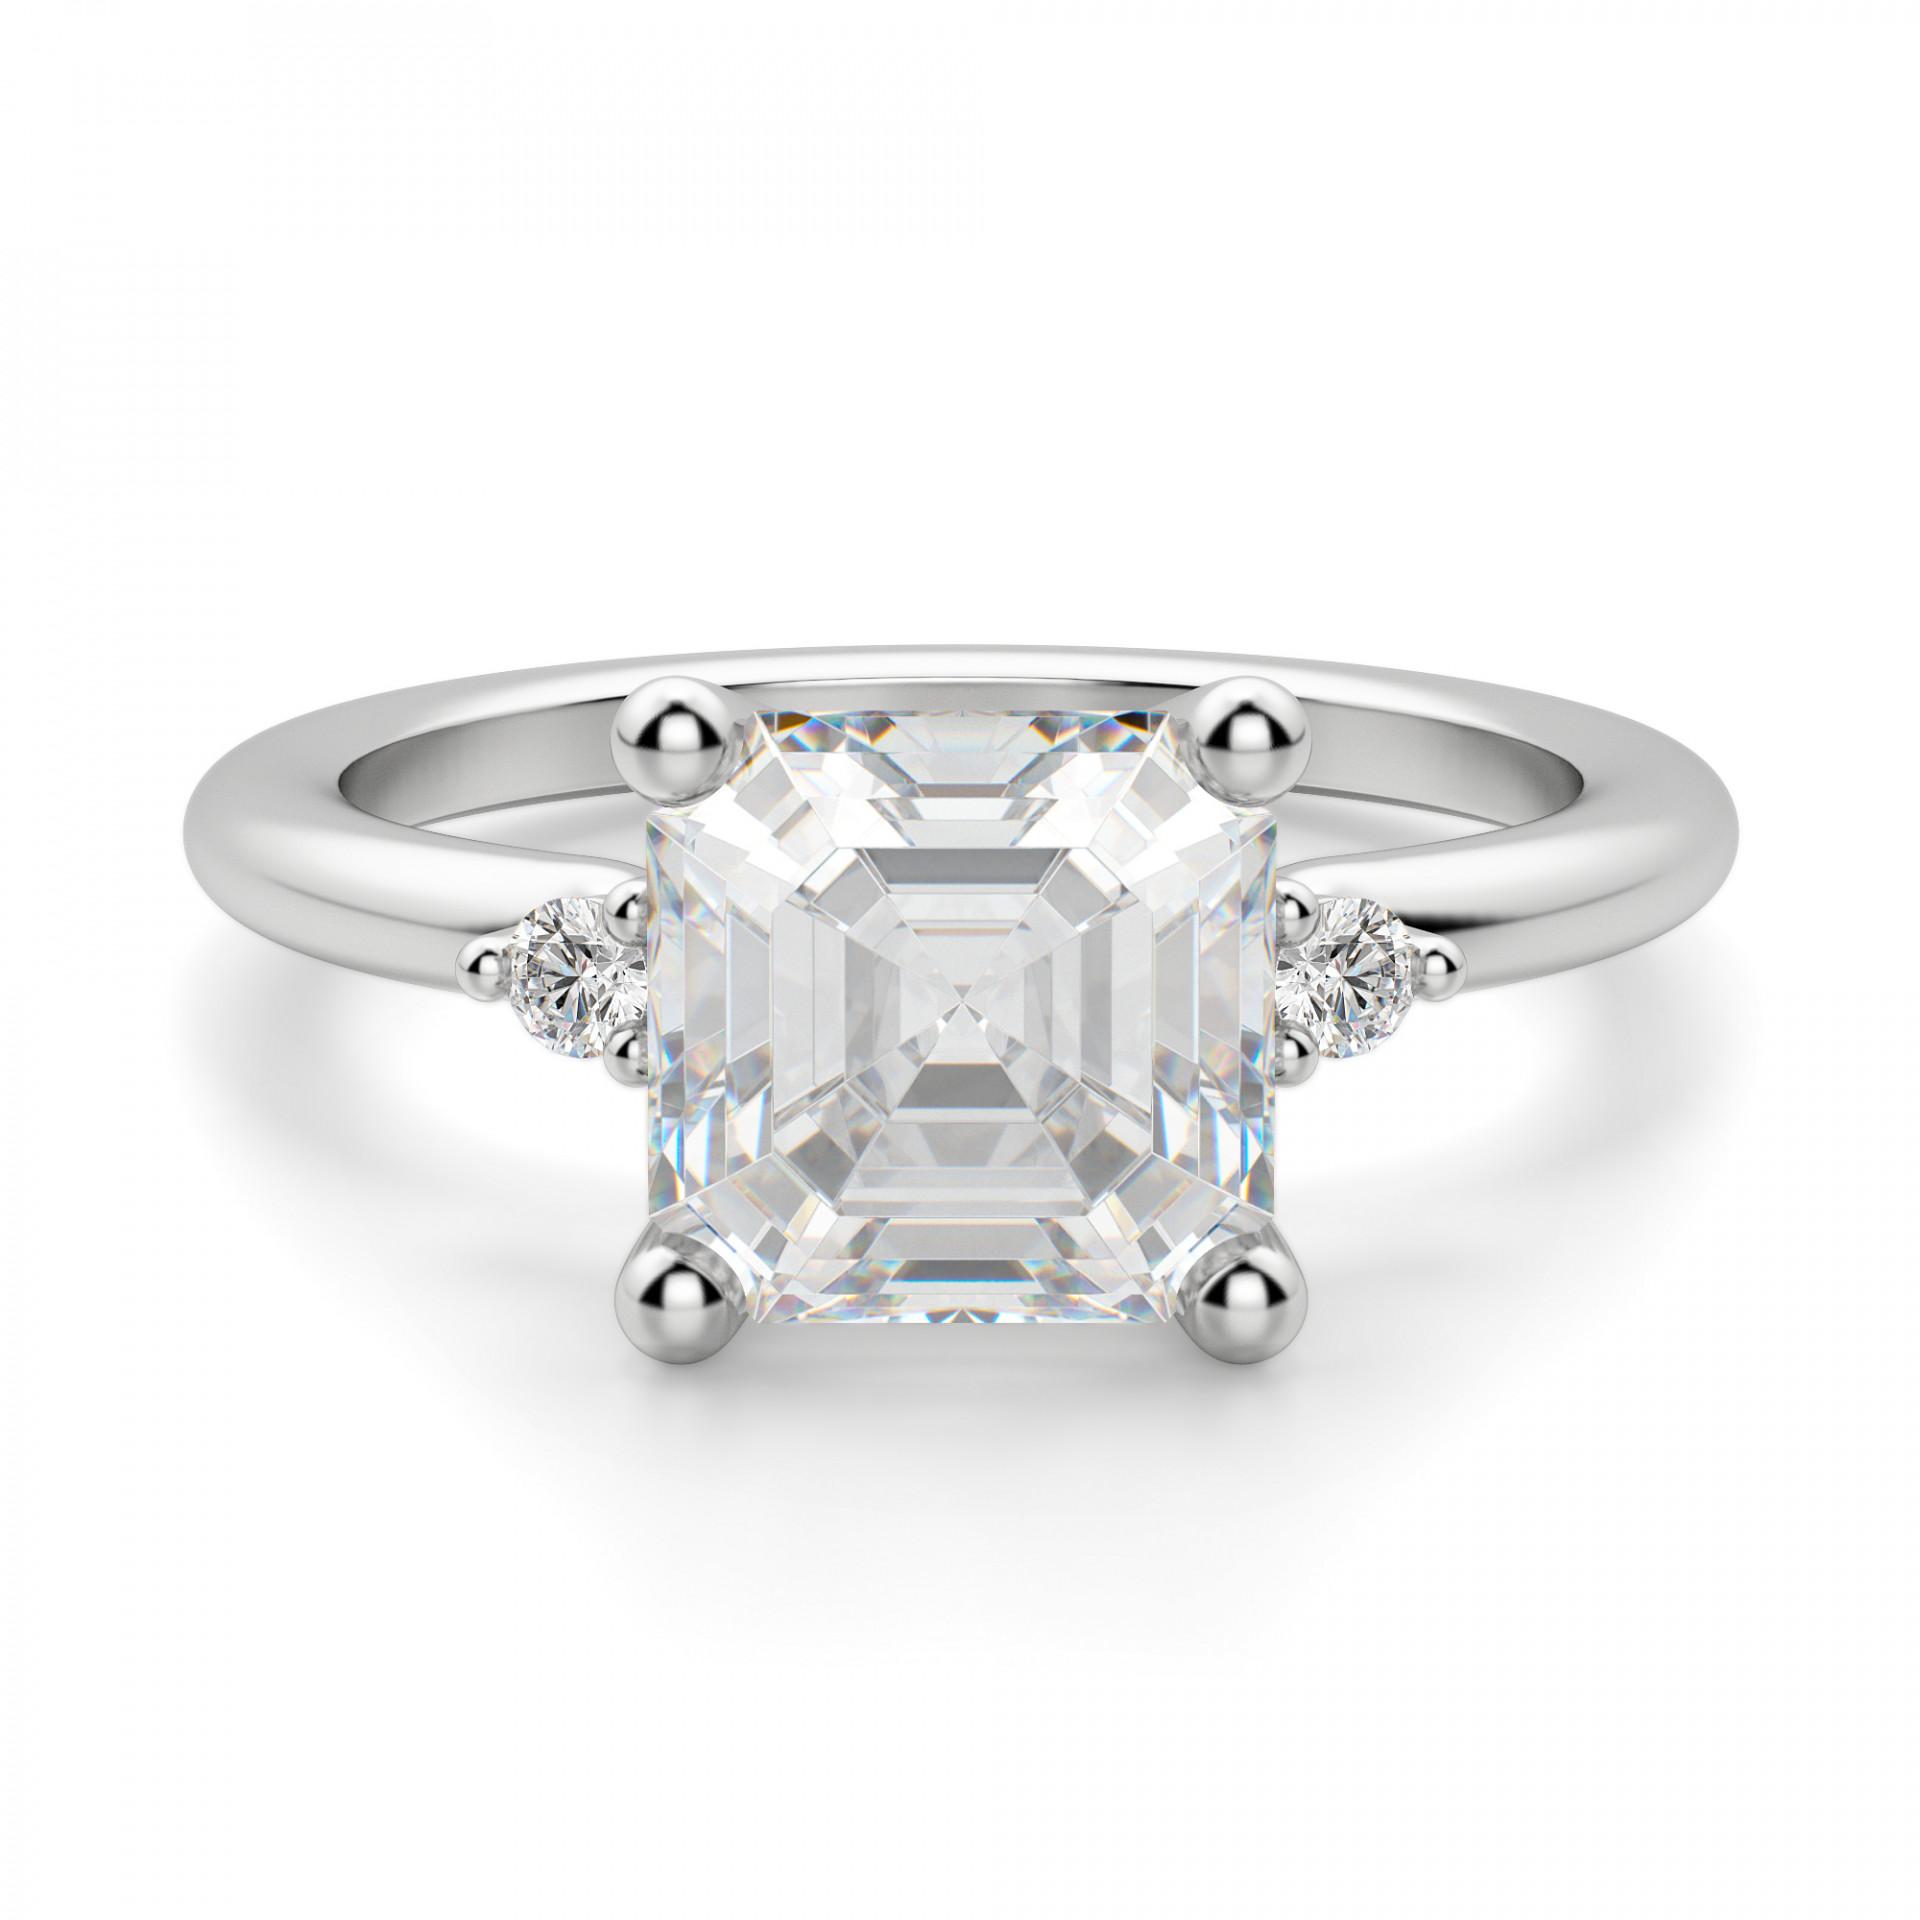 0ad2aa2e784d4 Muse 2.40 carat Asscher Cut Engagement Ring